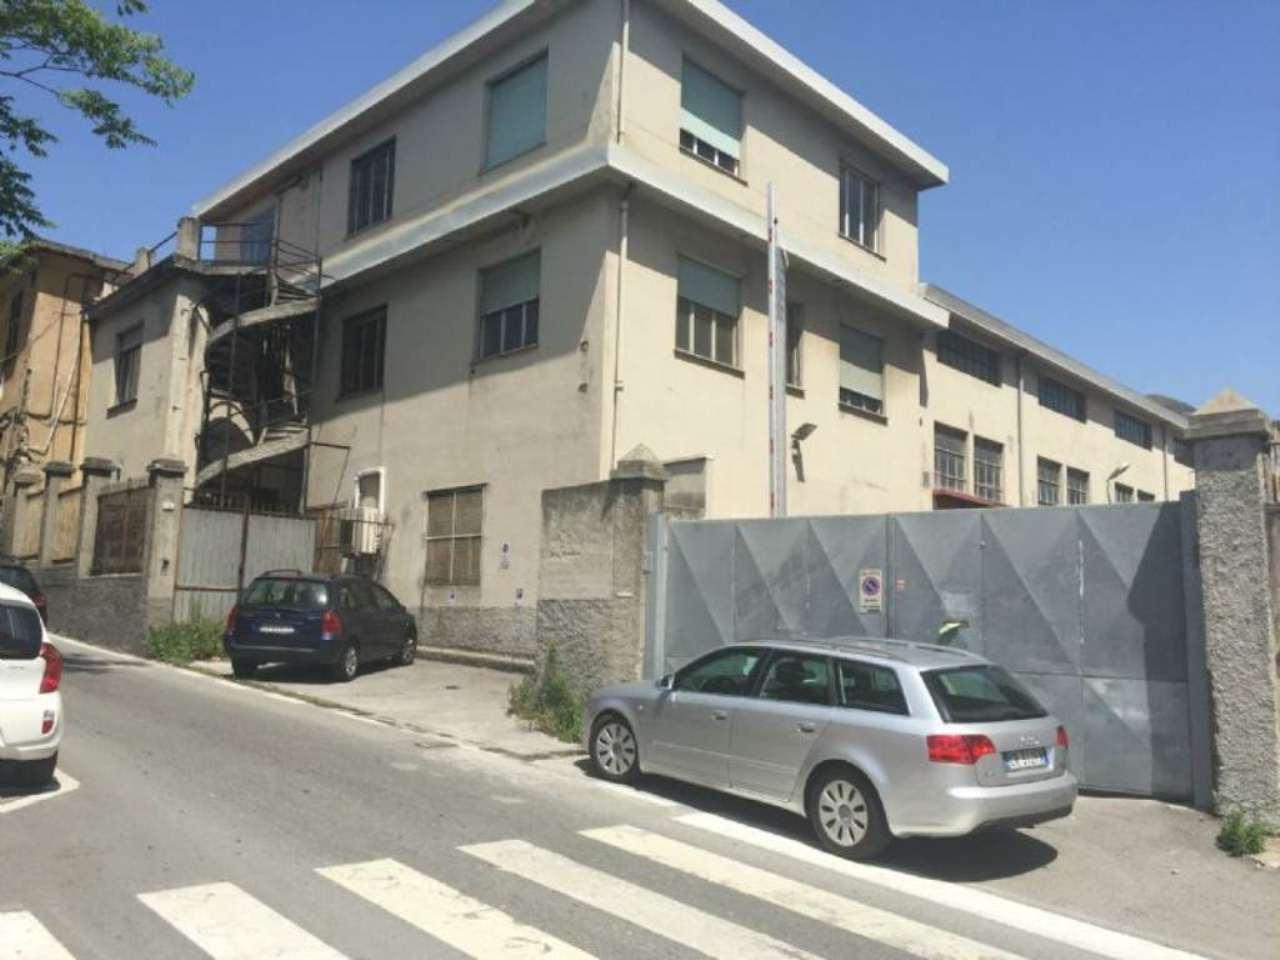 Capannone in vendita a Genova, 9999 locali, zona Zona: 12 . Borzoli, prezzo € 750.000 | CambioCasa.it